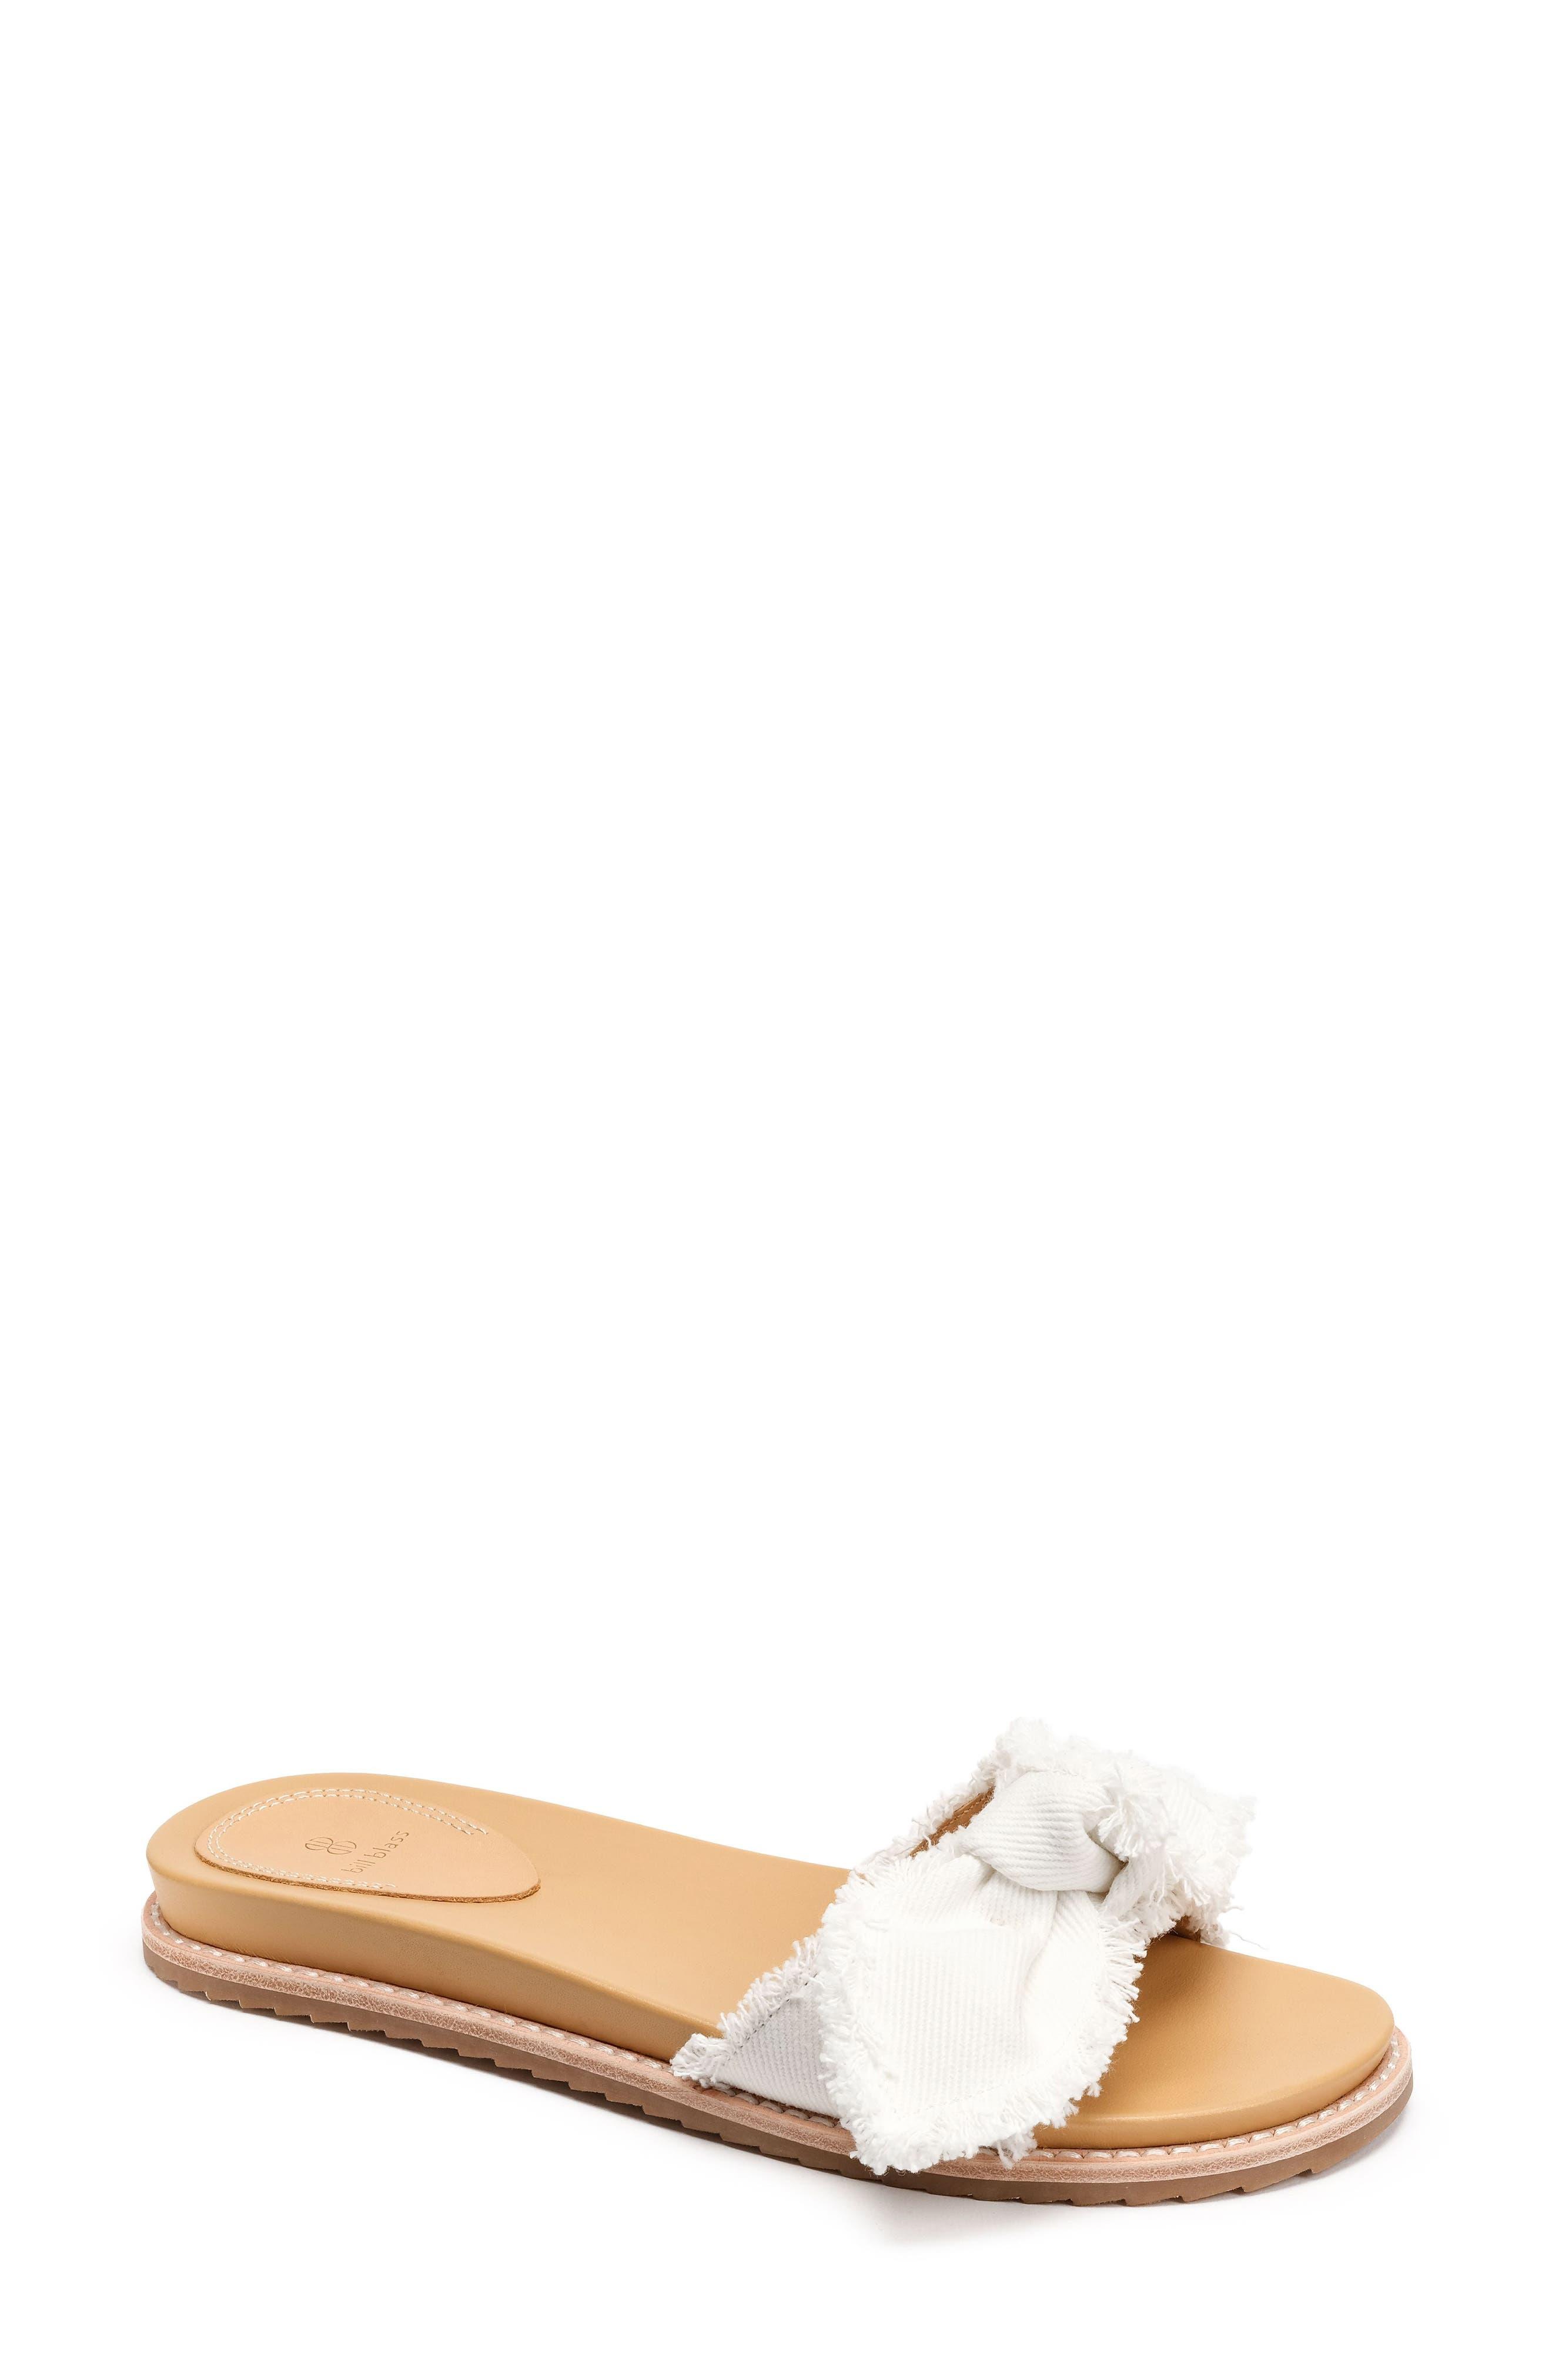 Carmela Slide Sandal,                         Main,                         color, White Fabric